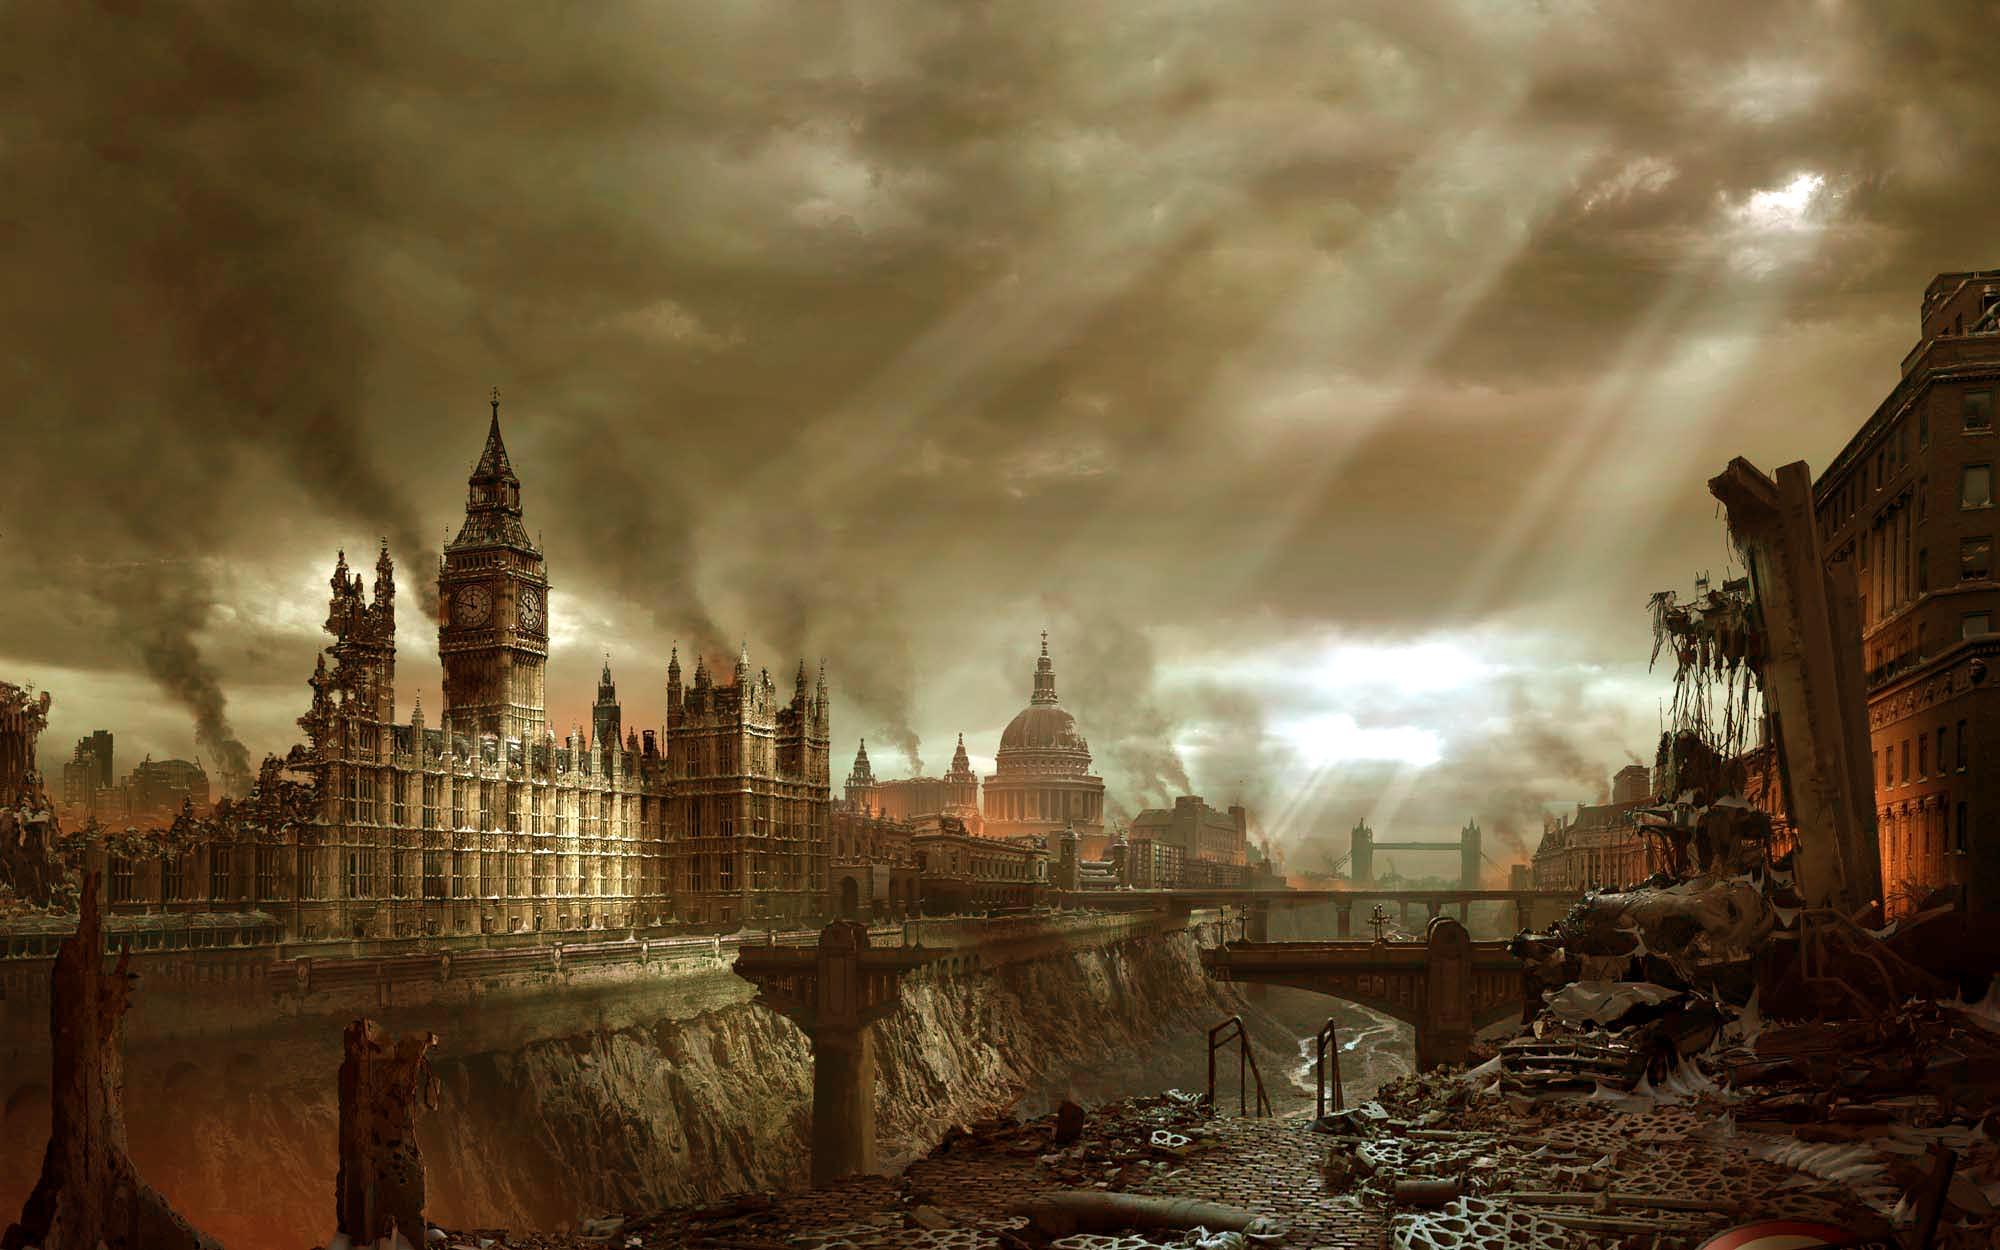 Le marché du logement londonien brillamment régulé par Sadik Khan : l'état des lieux en 2040